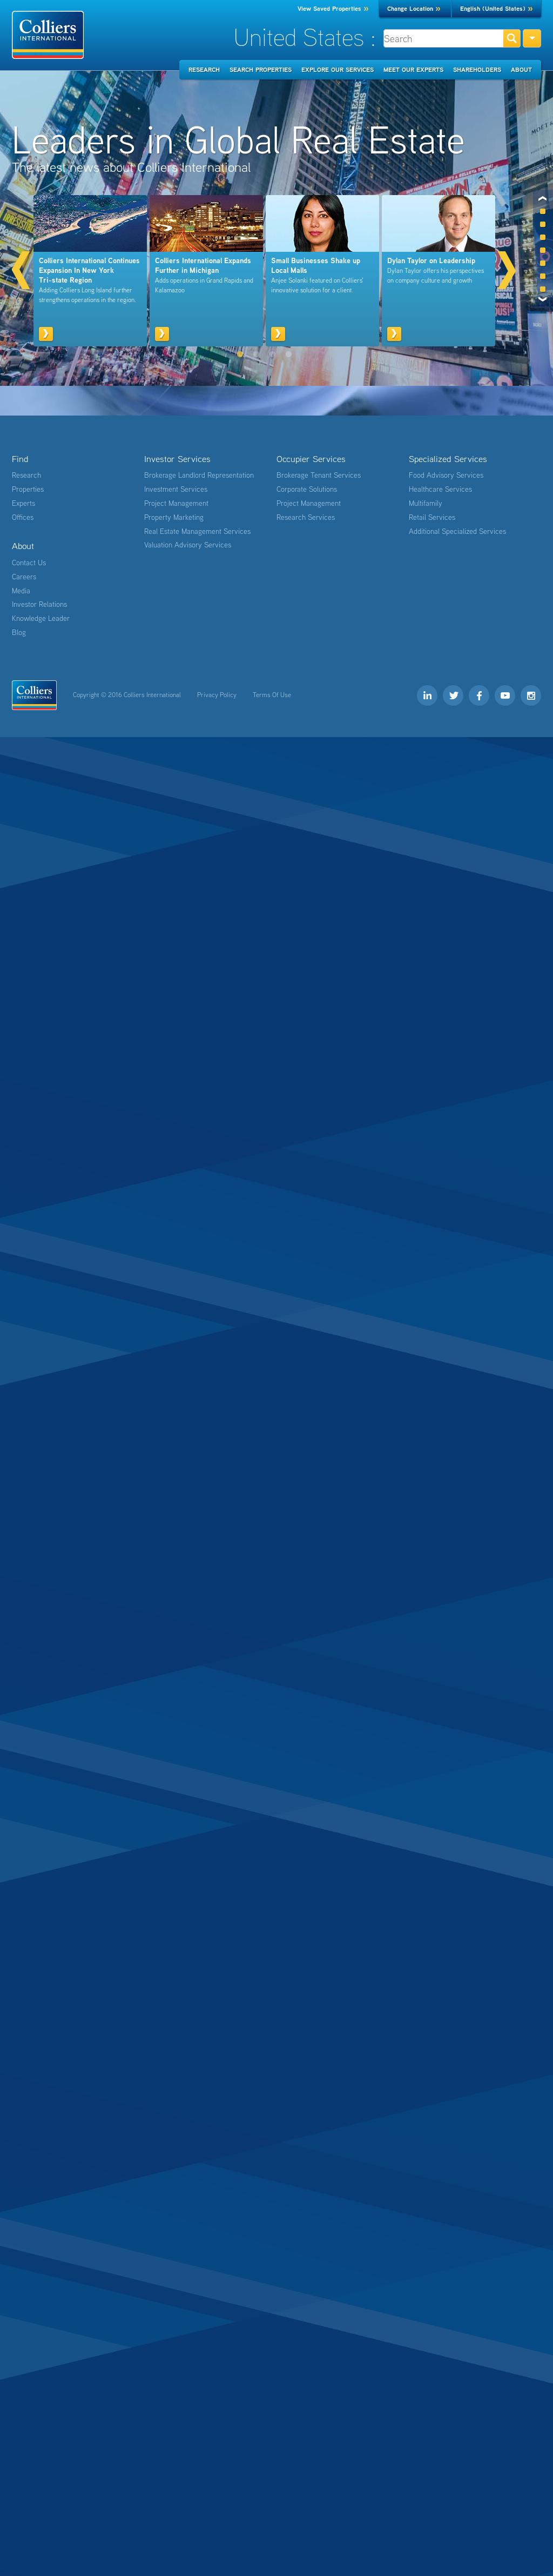 Site officiel vente chaude choisir le plus récent Colliers Competitors, Revenue and Employees - Owler Company ...